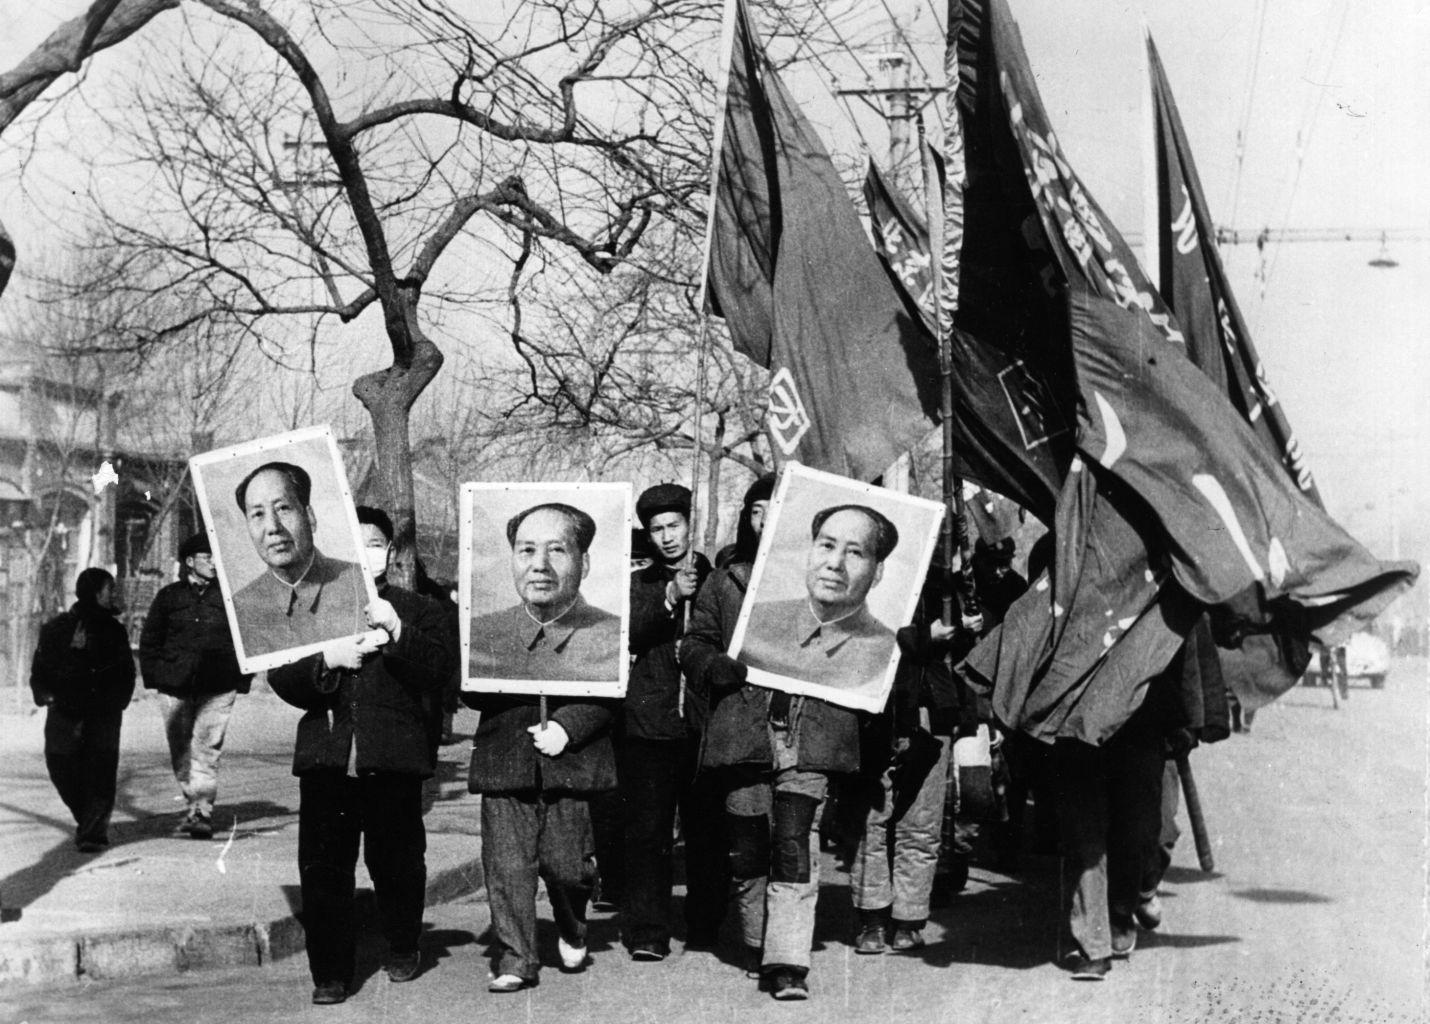 مائو زدونگ، انقلابی کمونیست و موسس جمهوری خلق چین مردی بود که یک «امپراطوری وسطایی» را به نسخه خاص خود از حکومت آینده تبدیل کرد.